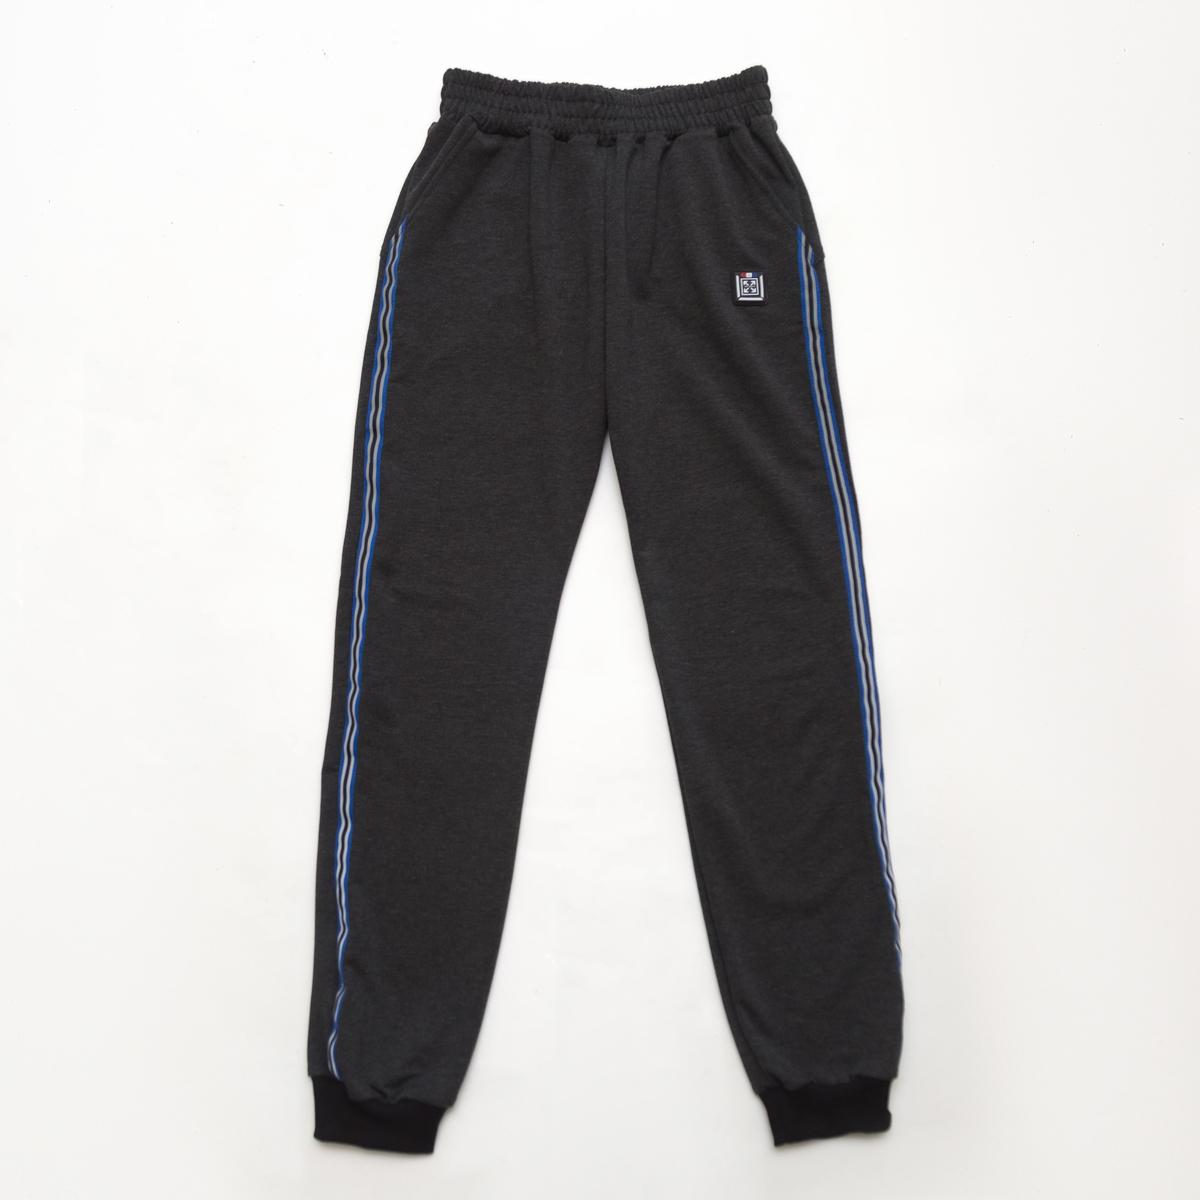 Штаны спортивные для мальчика SmileTime Reflective, темно-серые